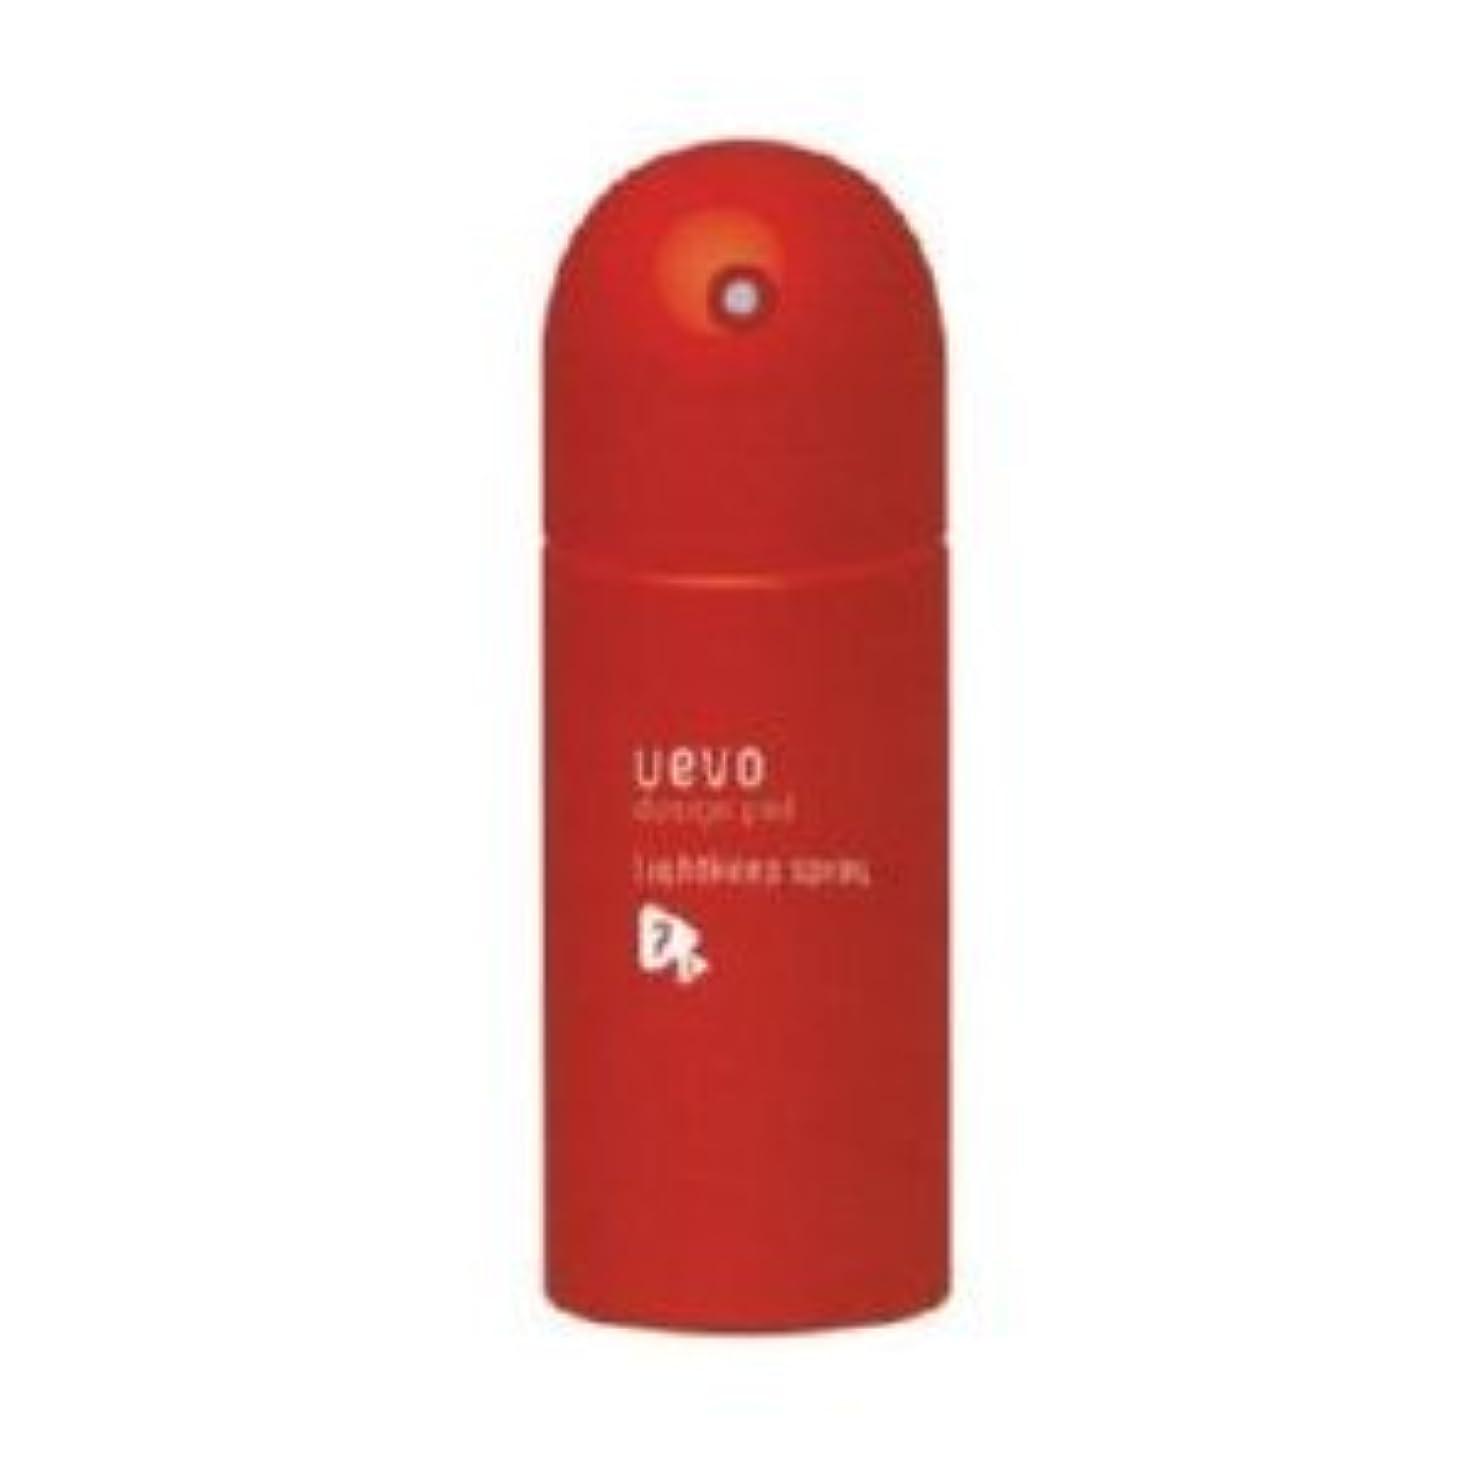 コンパニオンバックアップ追加する【X2個セット】 デミ ウェーボ デザインポッド ライトキープスプレー 220ml lightkeep spray DEMI uevo design pod